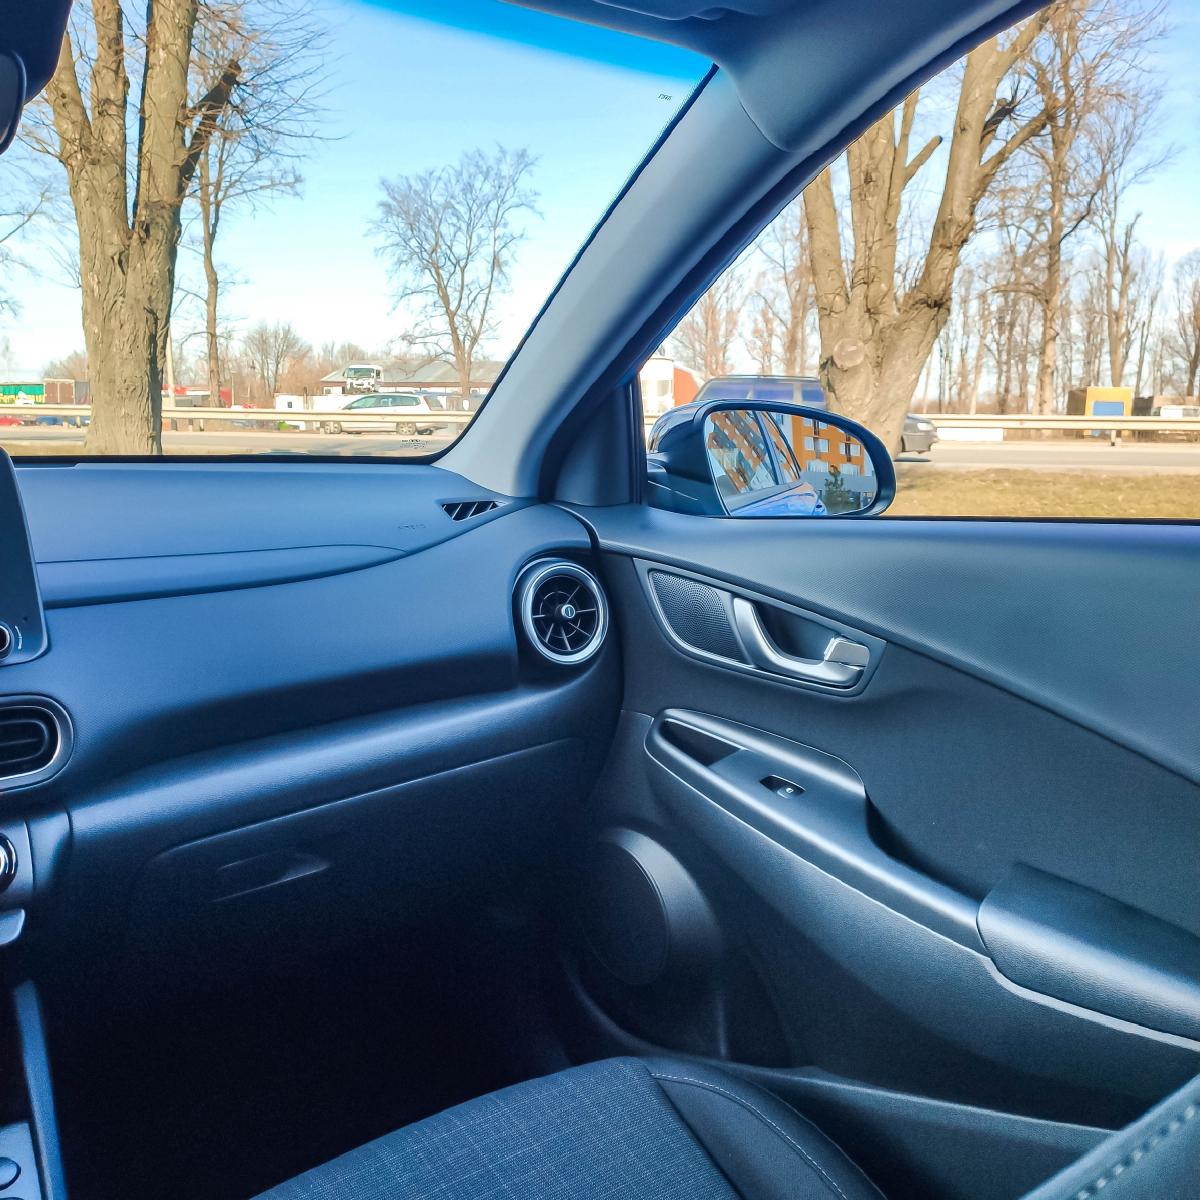 Надзвичайний автомобіль з незвичайним кольором! | Хюндай Мотор Україна - фото 11